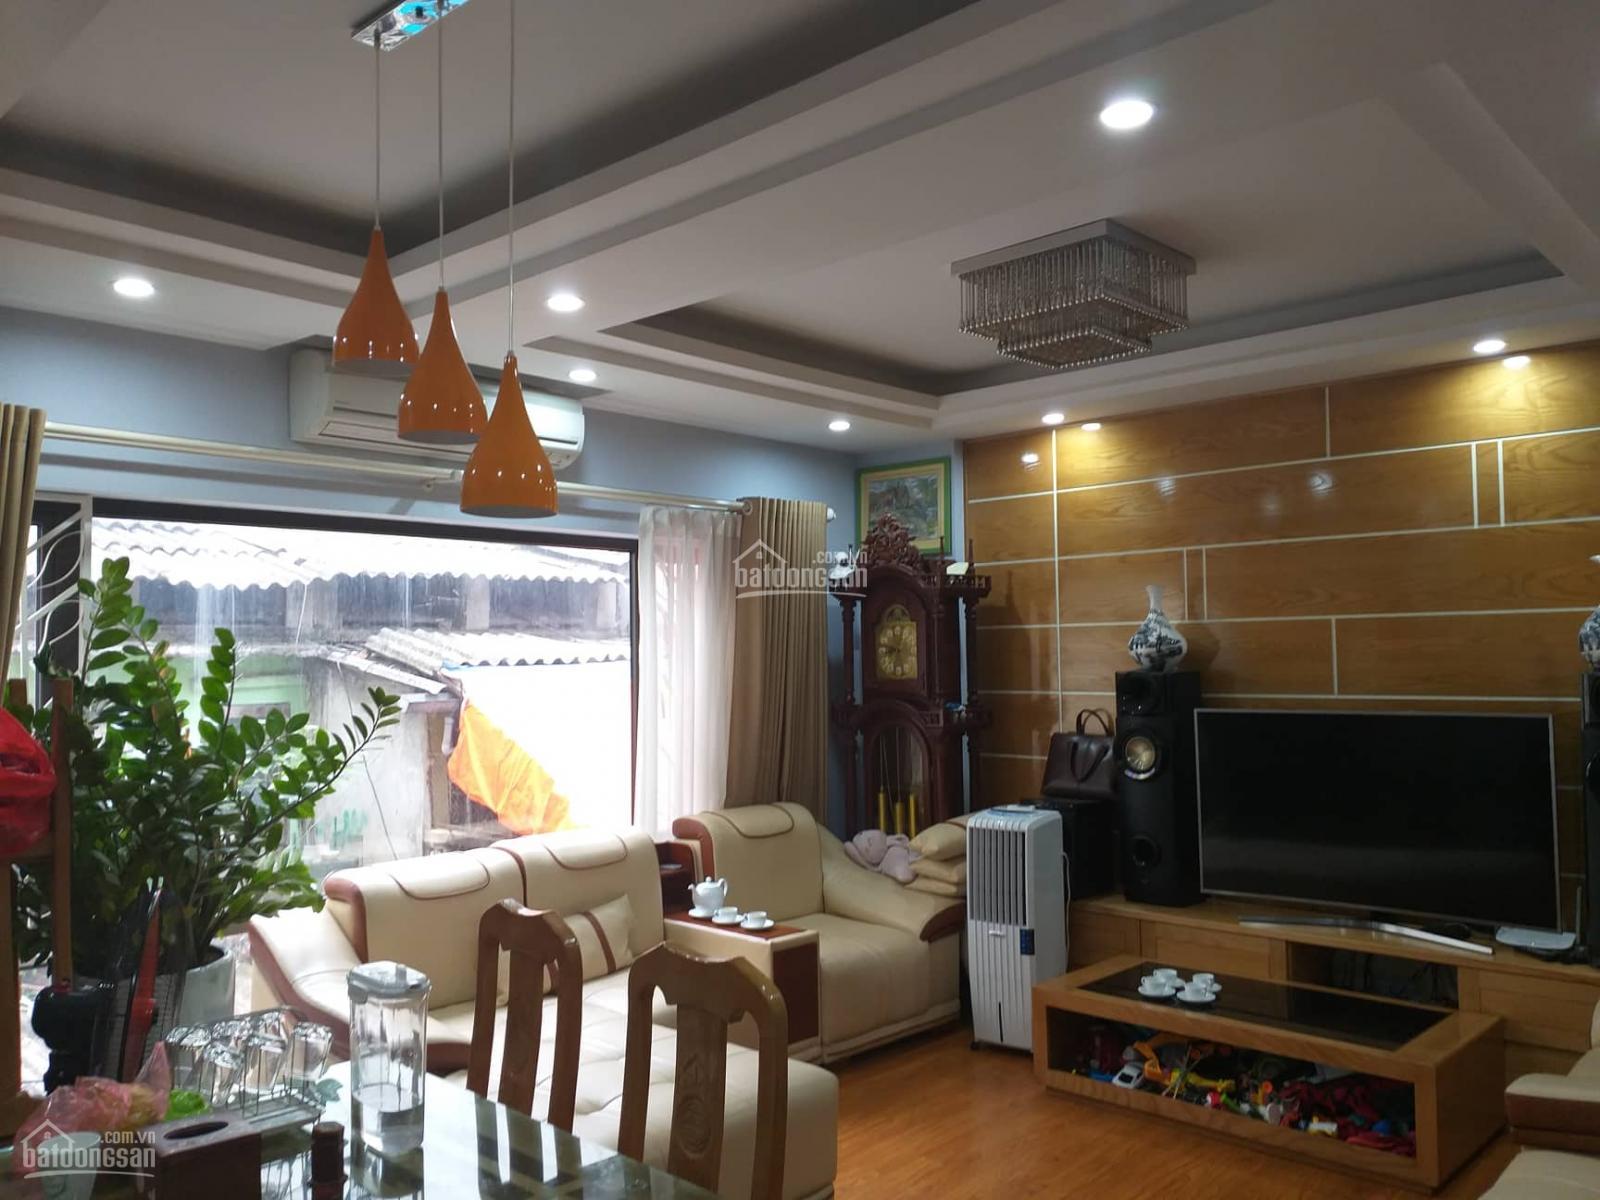 chi tiết Chính chủ bán gấp nhà KD ngõ 165 đường Cầu Giấy Nguyễn Văn Huyên kéo dài 65 m2 ,5T, mt5m, giá 11tỷ LH: 0904222012